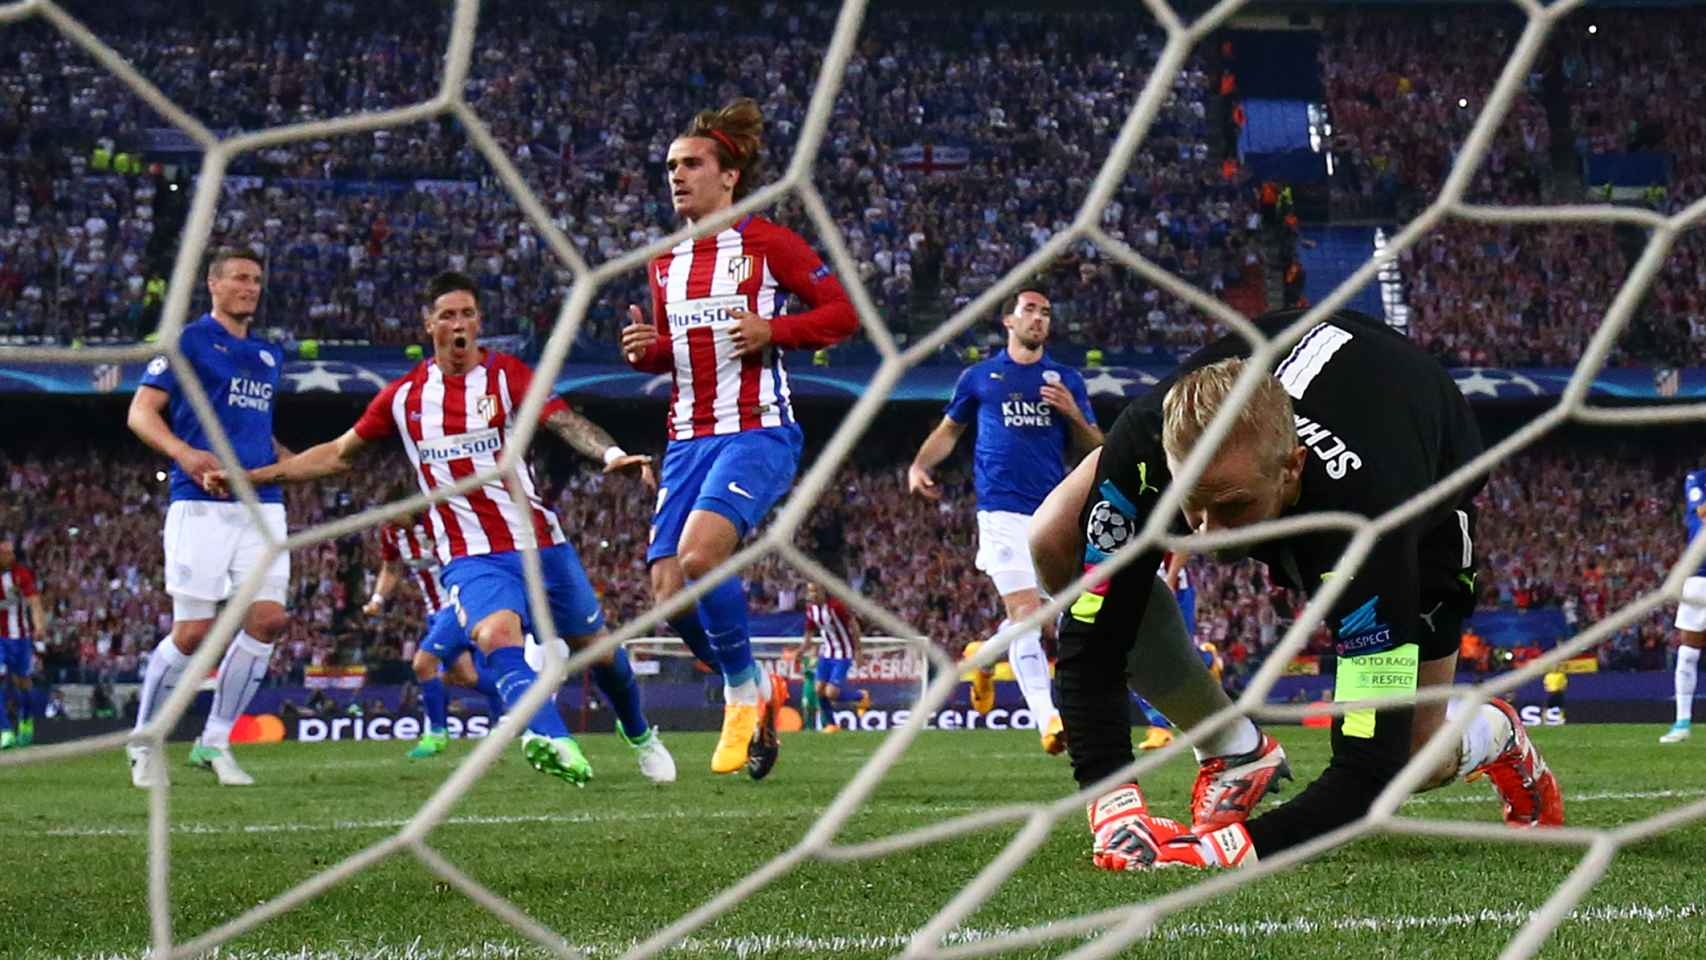 Kasper Schmeichel no pudo hacer en el penalti del delantero del Atlético. / Reuters